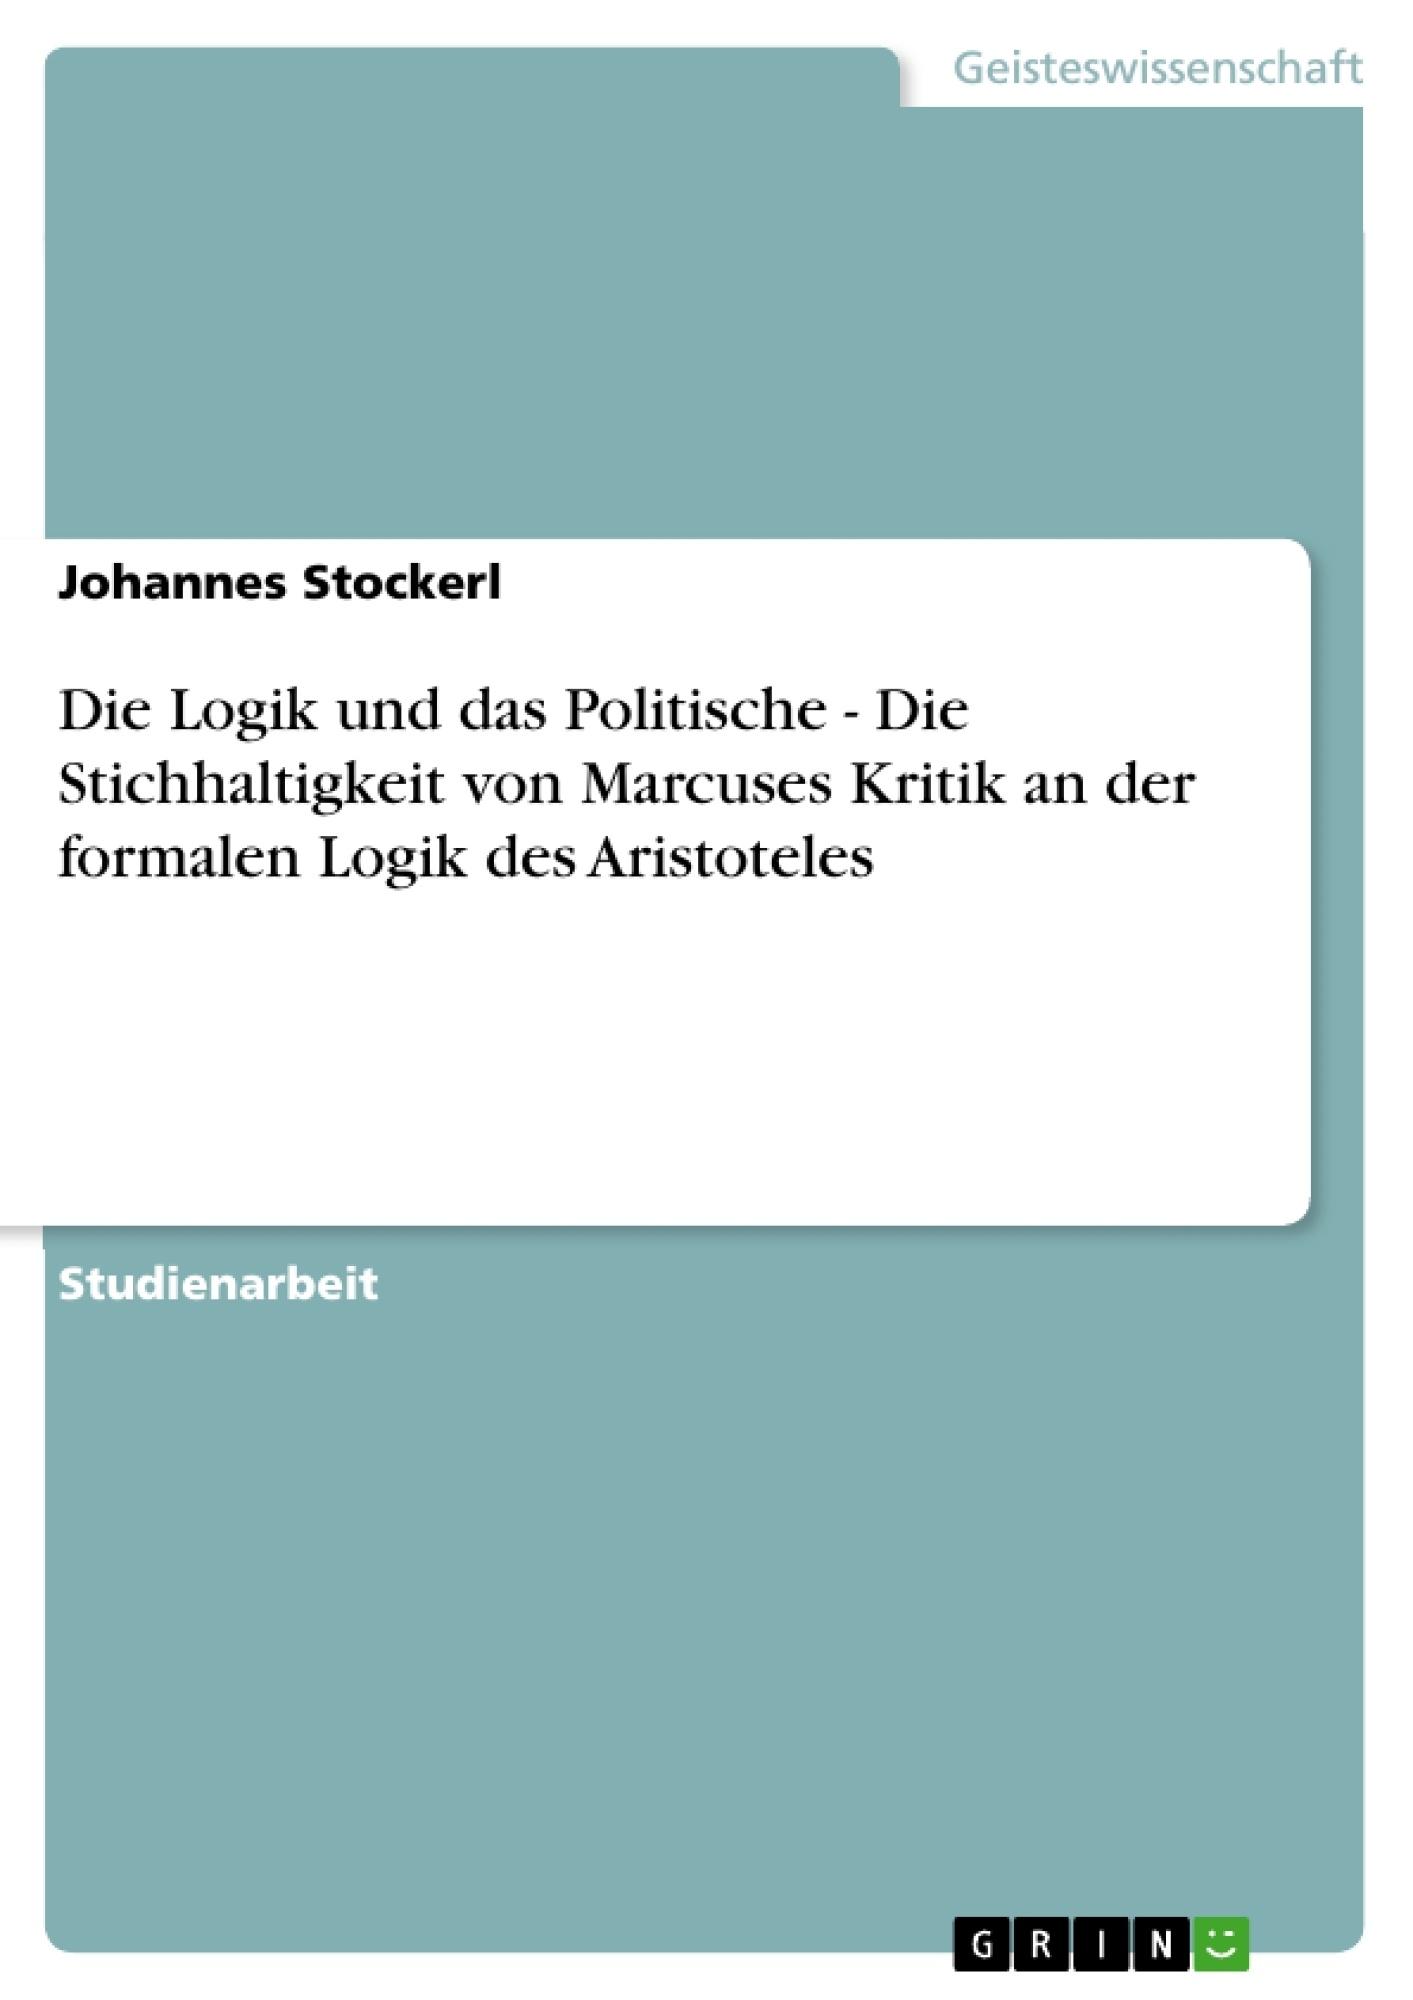 Titel: Die Logik und das Politische - Die Stichhaltigkeit von Marcuses Kritik an der formalen Logik des Aristoteles